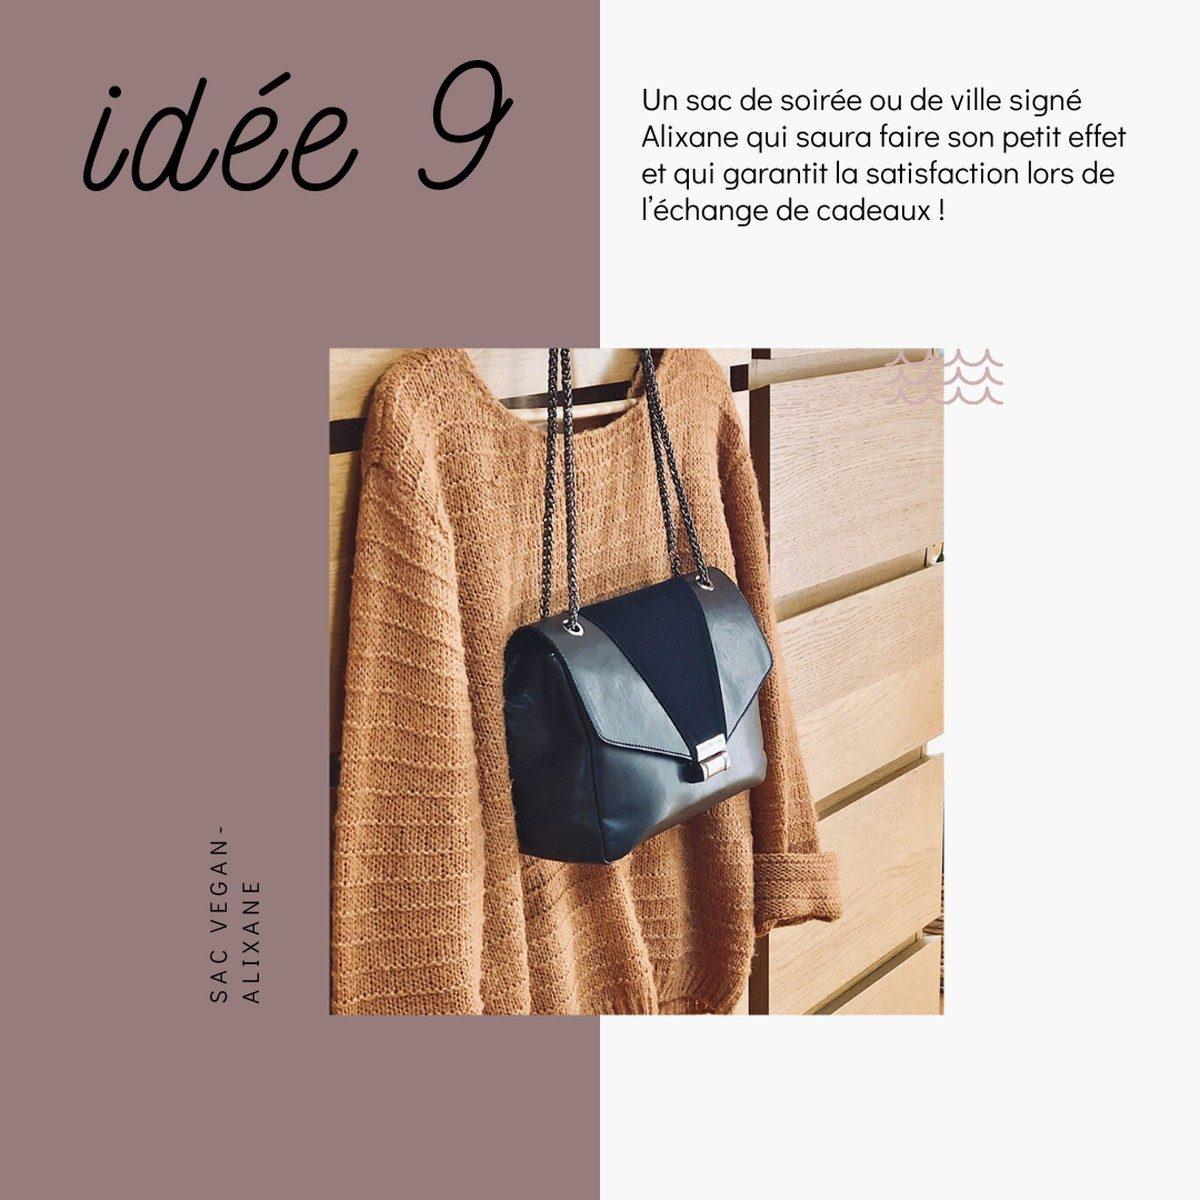 Noël 2019 notre liste de cadeaux slow fashion d'exception - 09 - Alixane